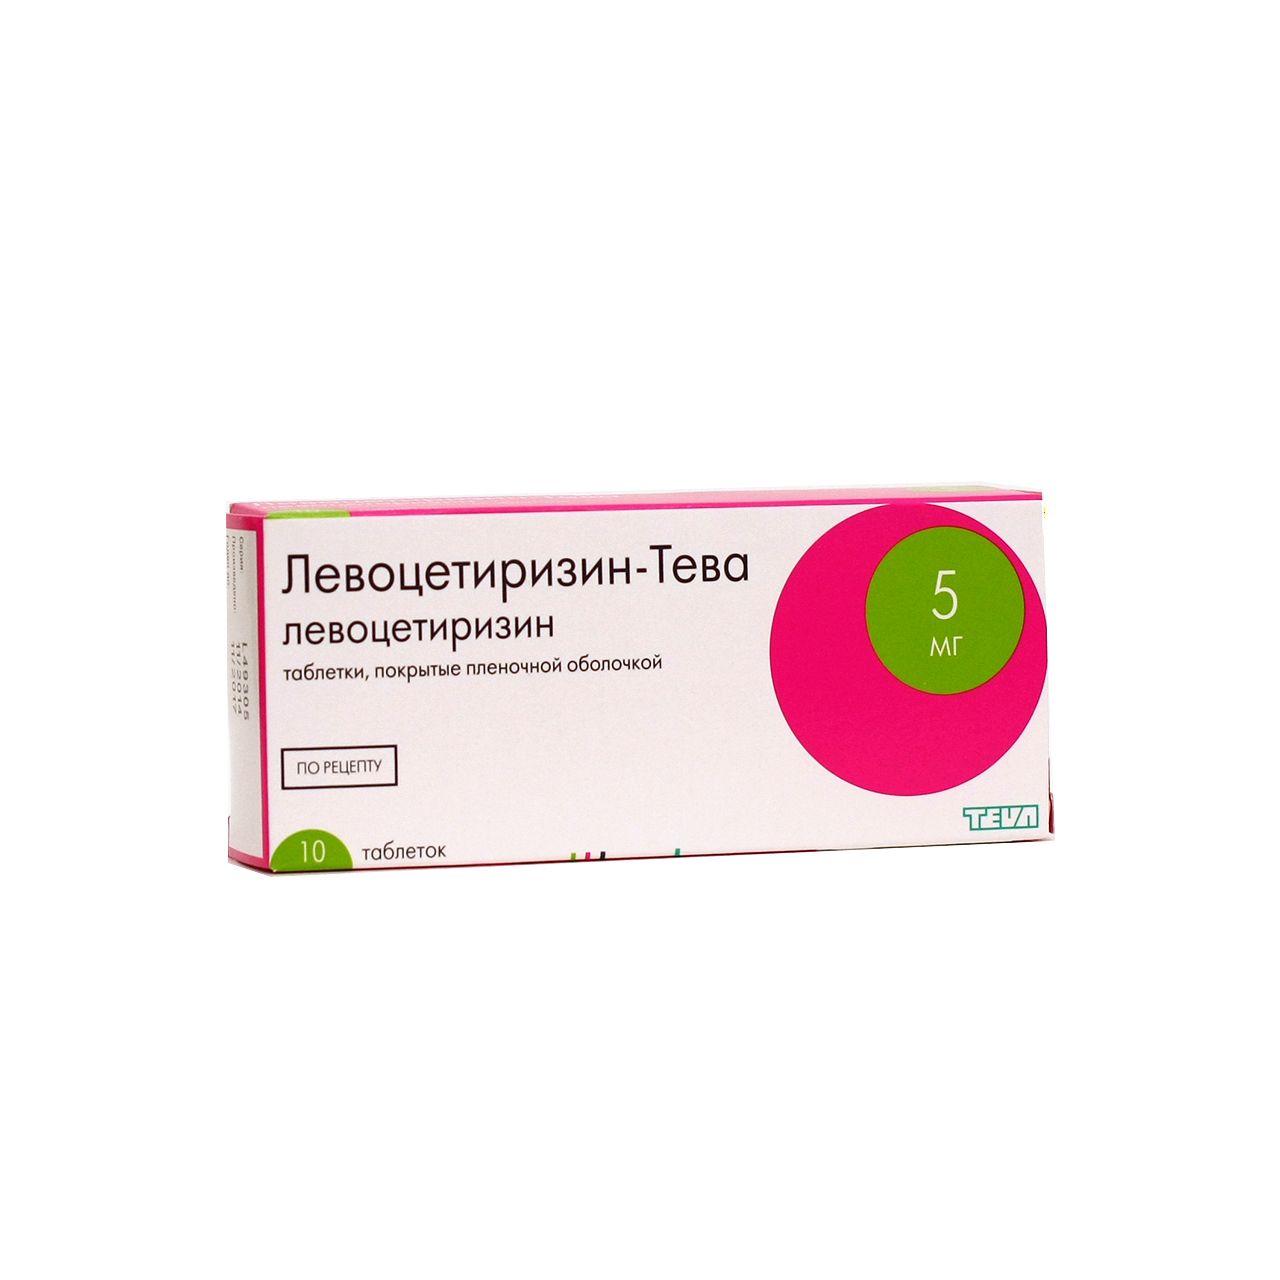 Левоцетиризин-Тева, 5 мг, таблетки, покрытые пленочной оболочкой, 10шт.